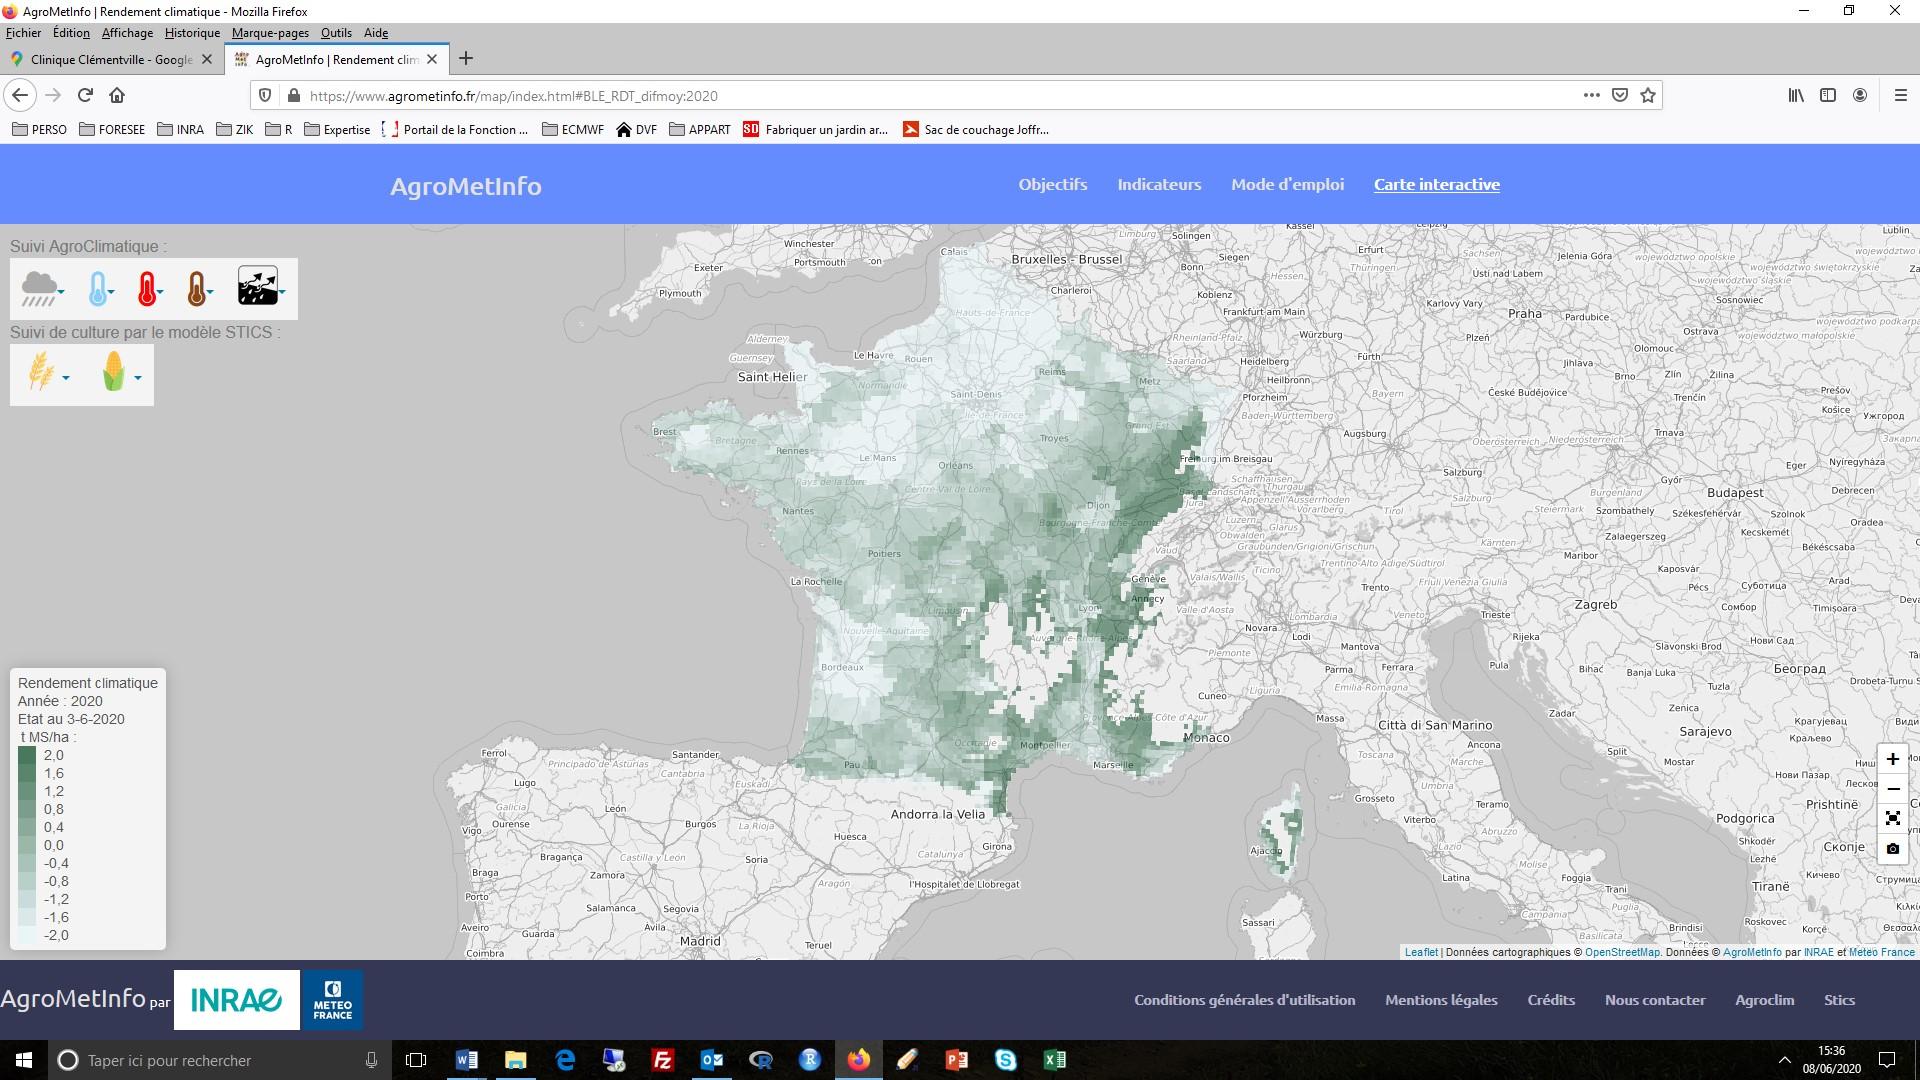 Carte anomalie rendement climatique du blé juin 2020